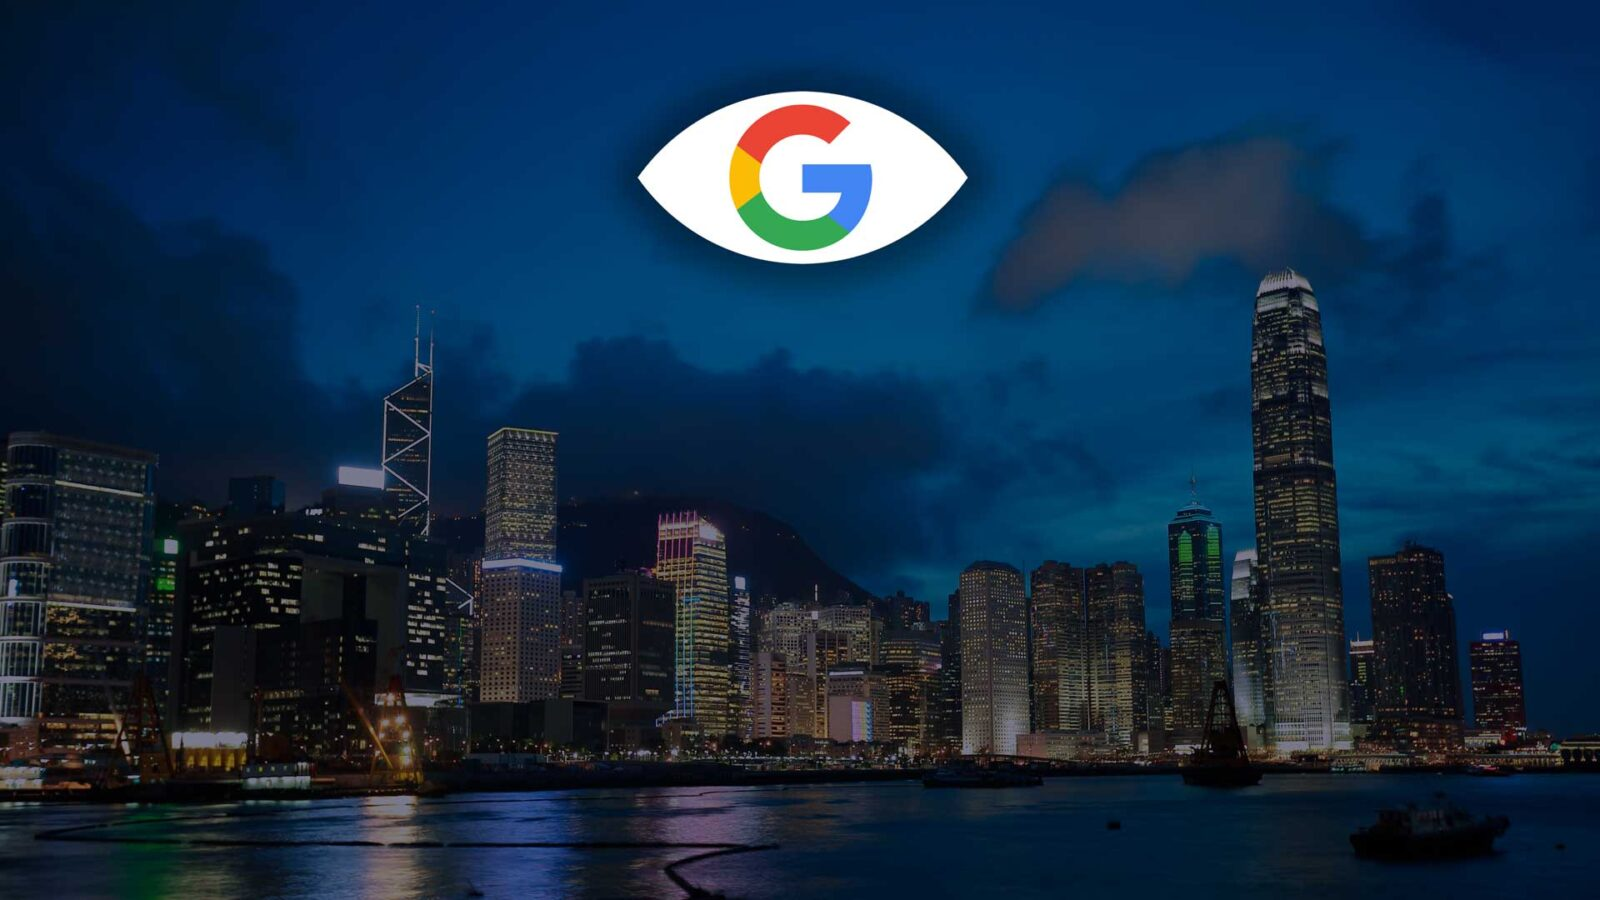 گوگل اطلاعات کاربران هنگ کنگ را در اختیار حکومت قرار داد